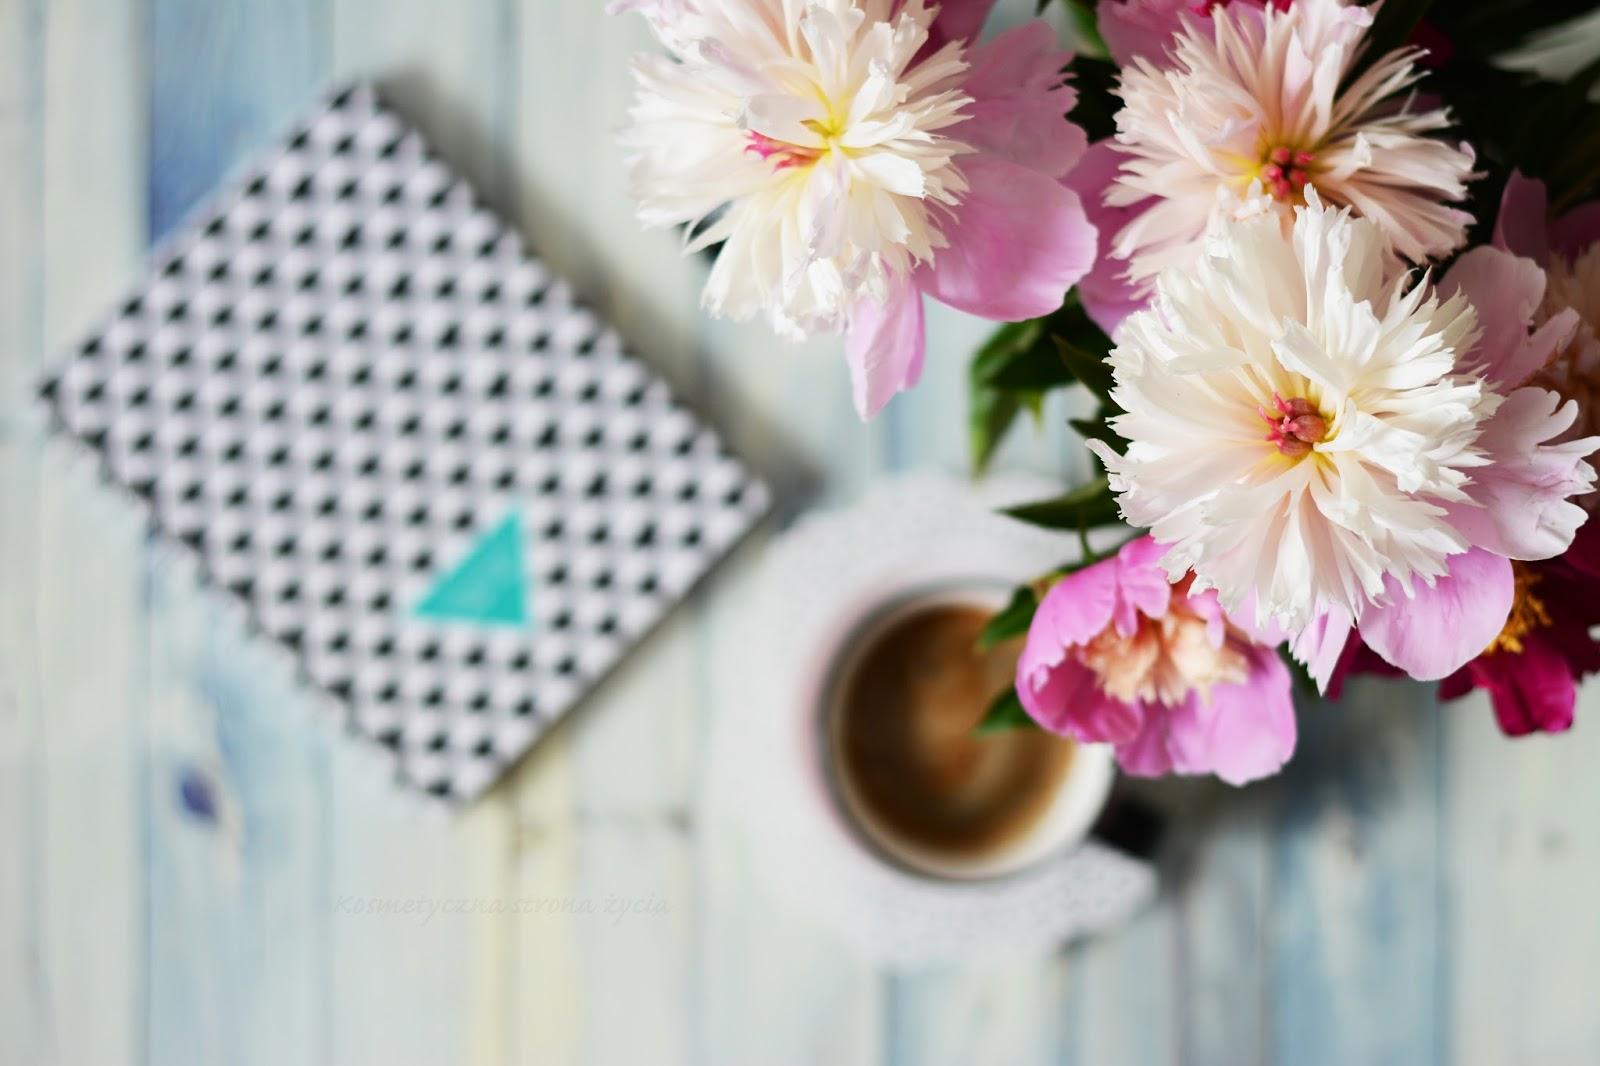 Plany wakacyjne - printea - piwonie - design your life